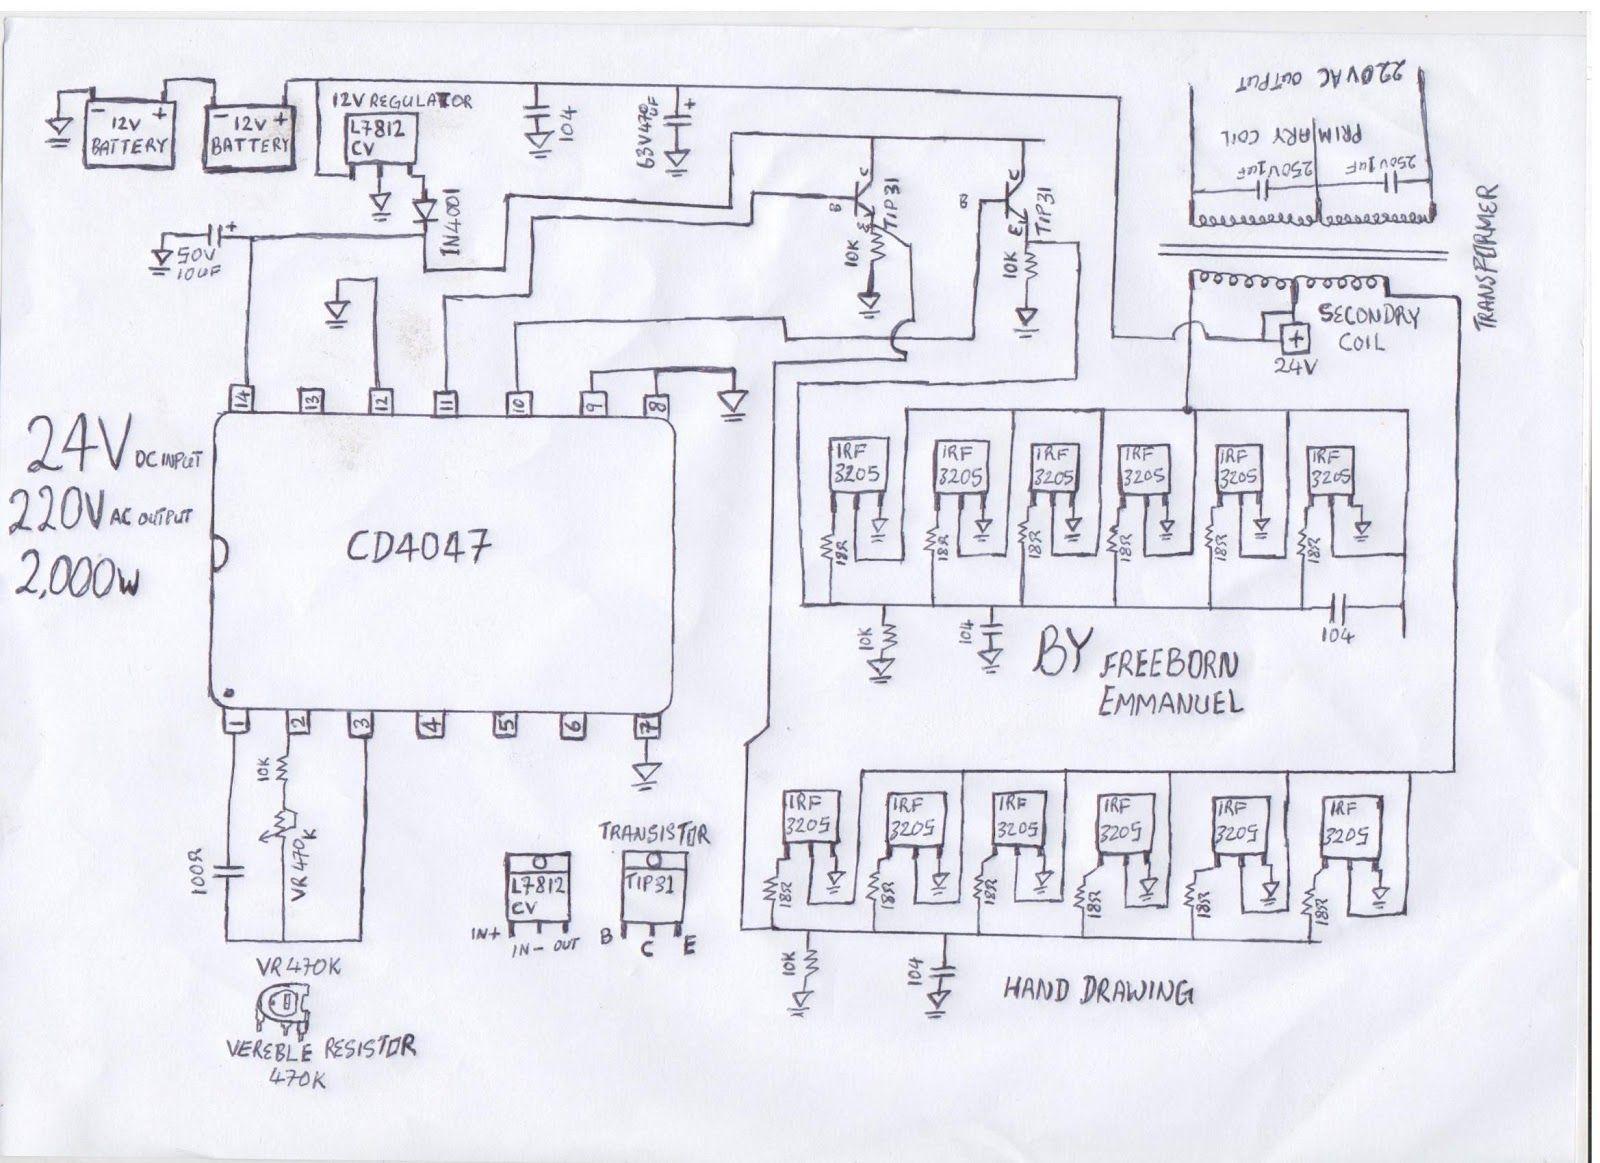 24v+inverter+diagram.JPG (1600×1163)